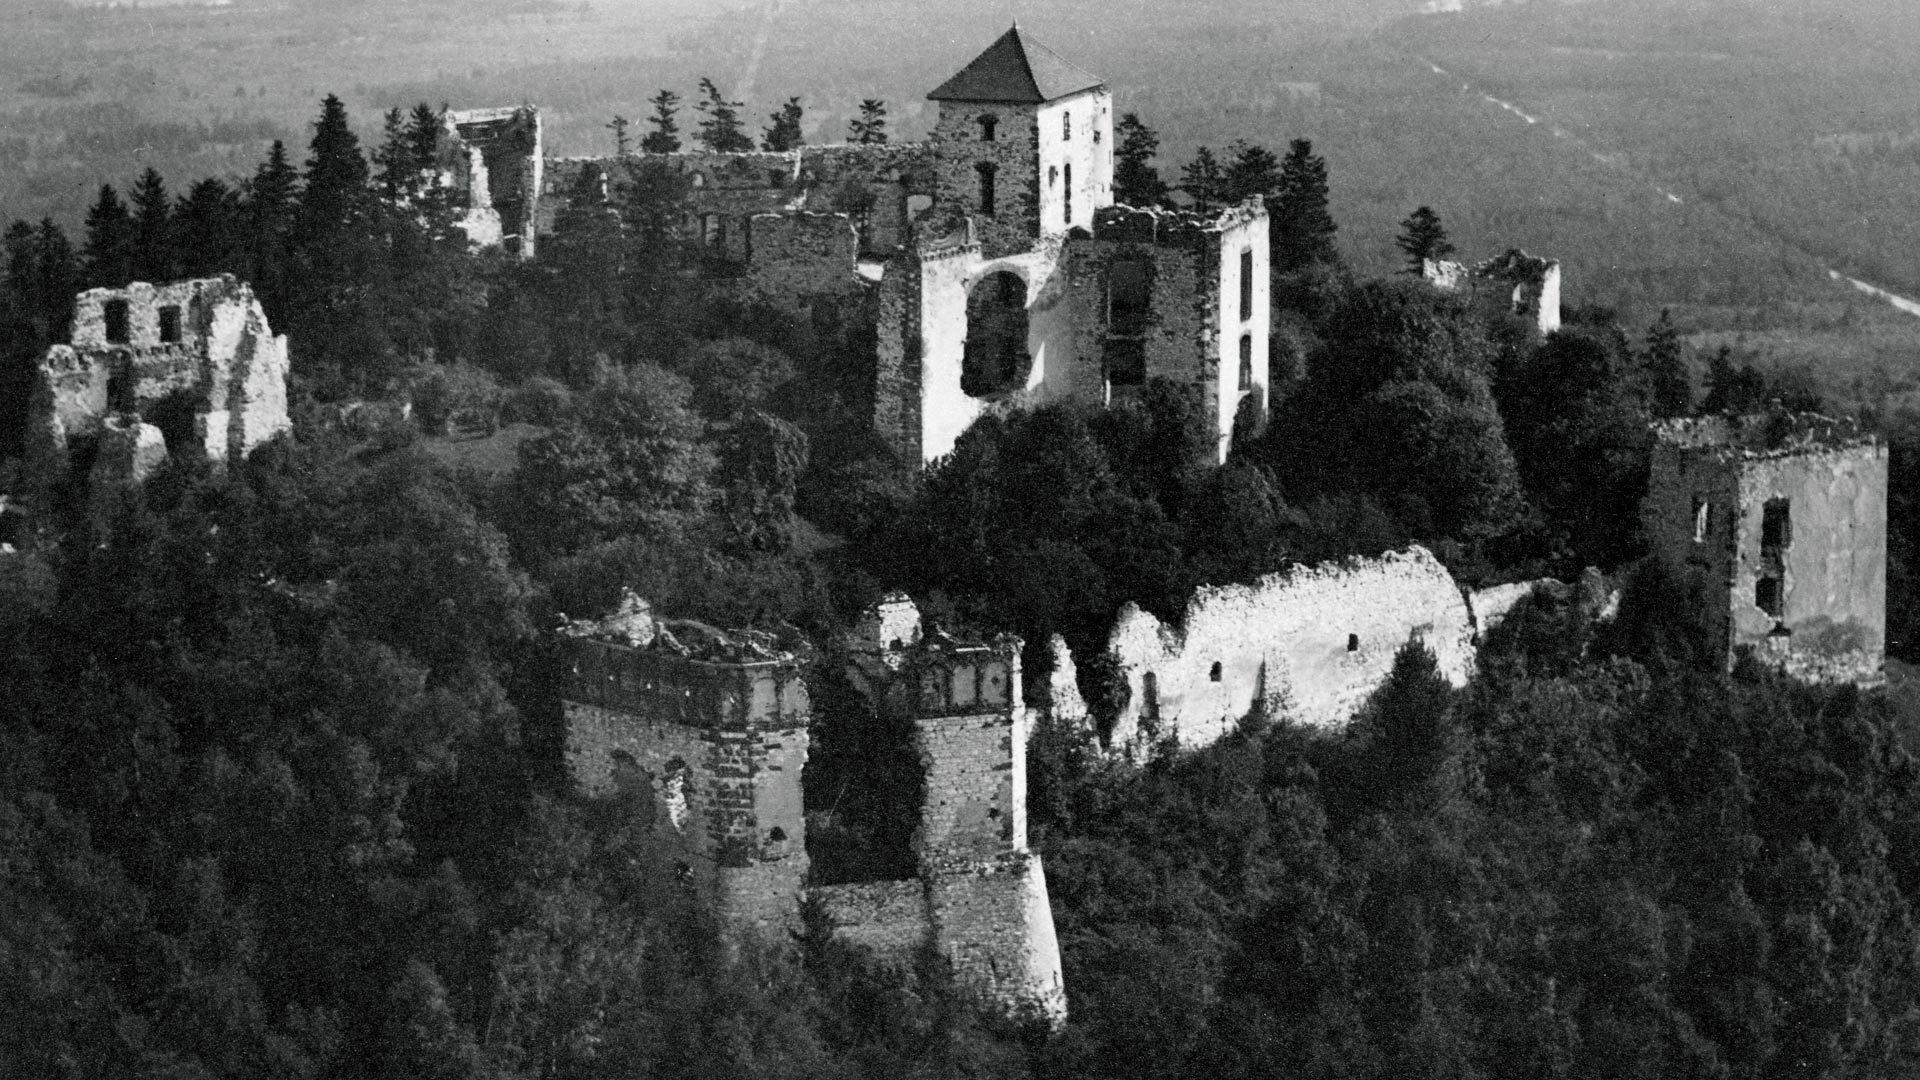 Tak wyglądał Zamek Tenczyn w Rudnie. Stare zdjęcia i pocztówki